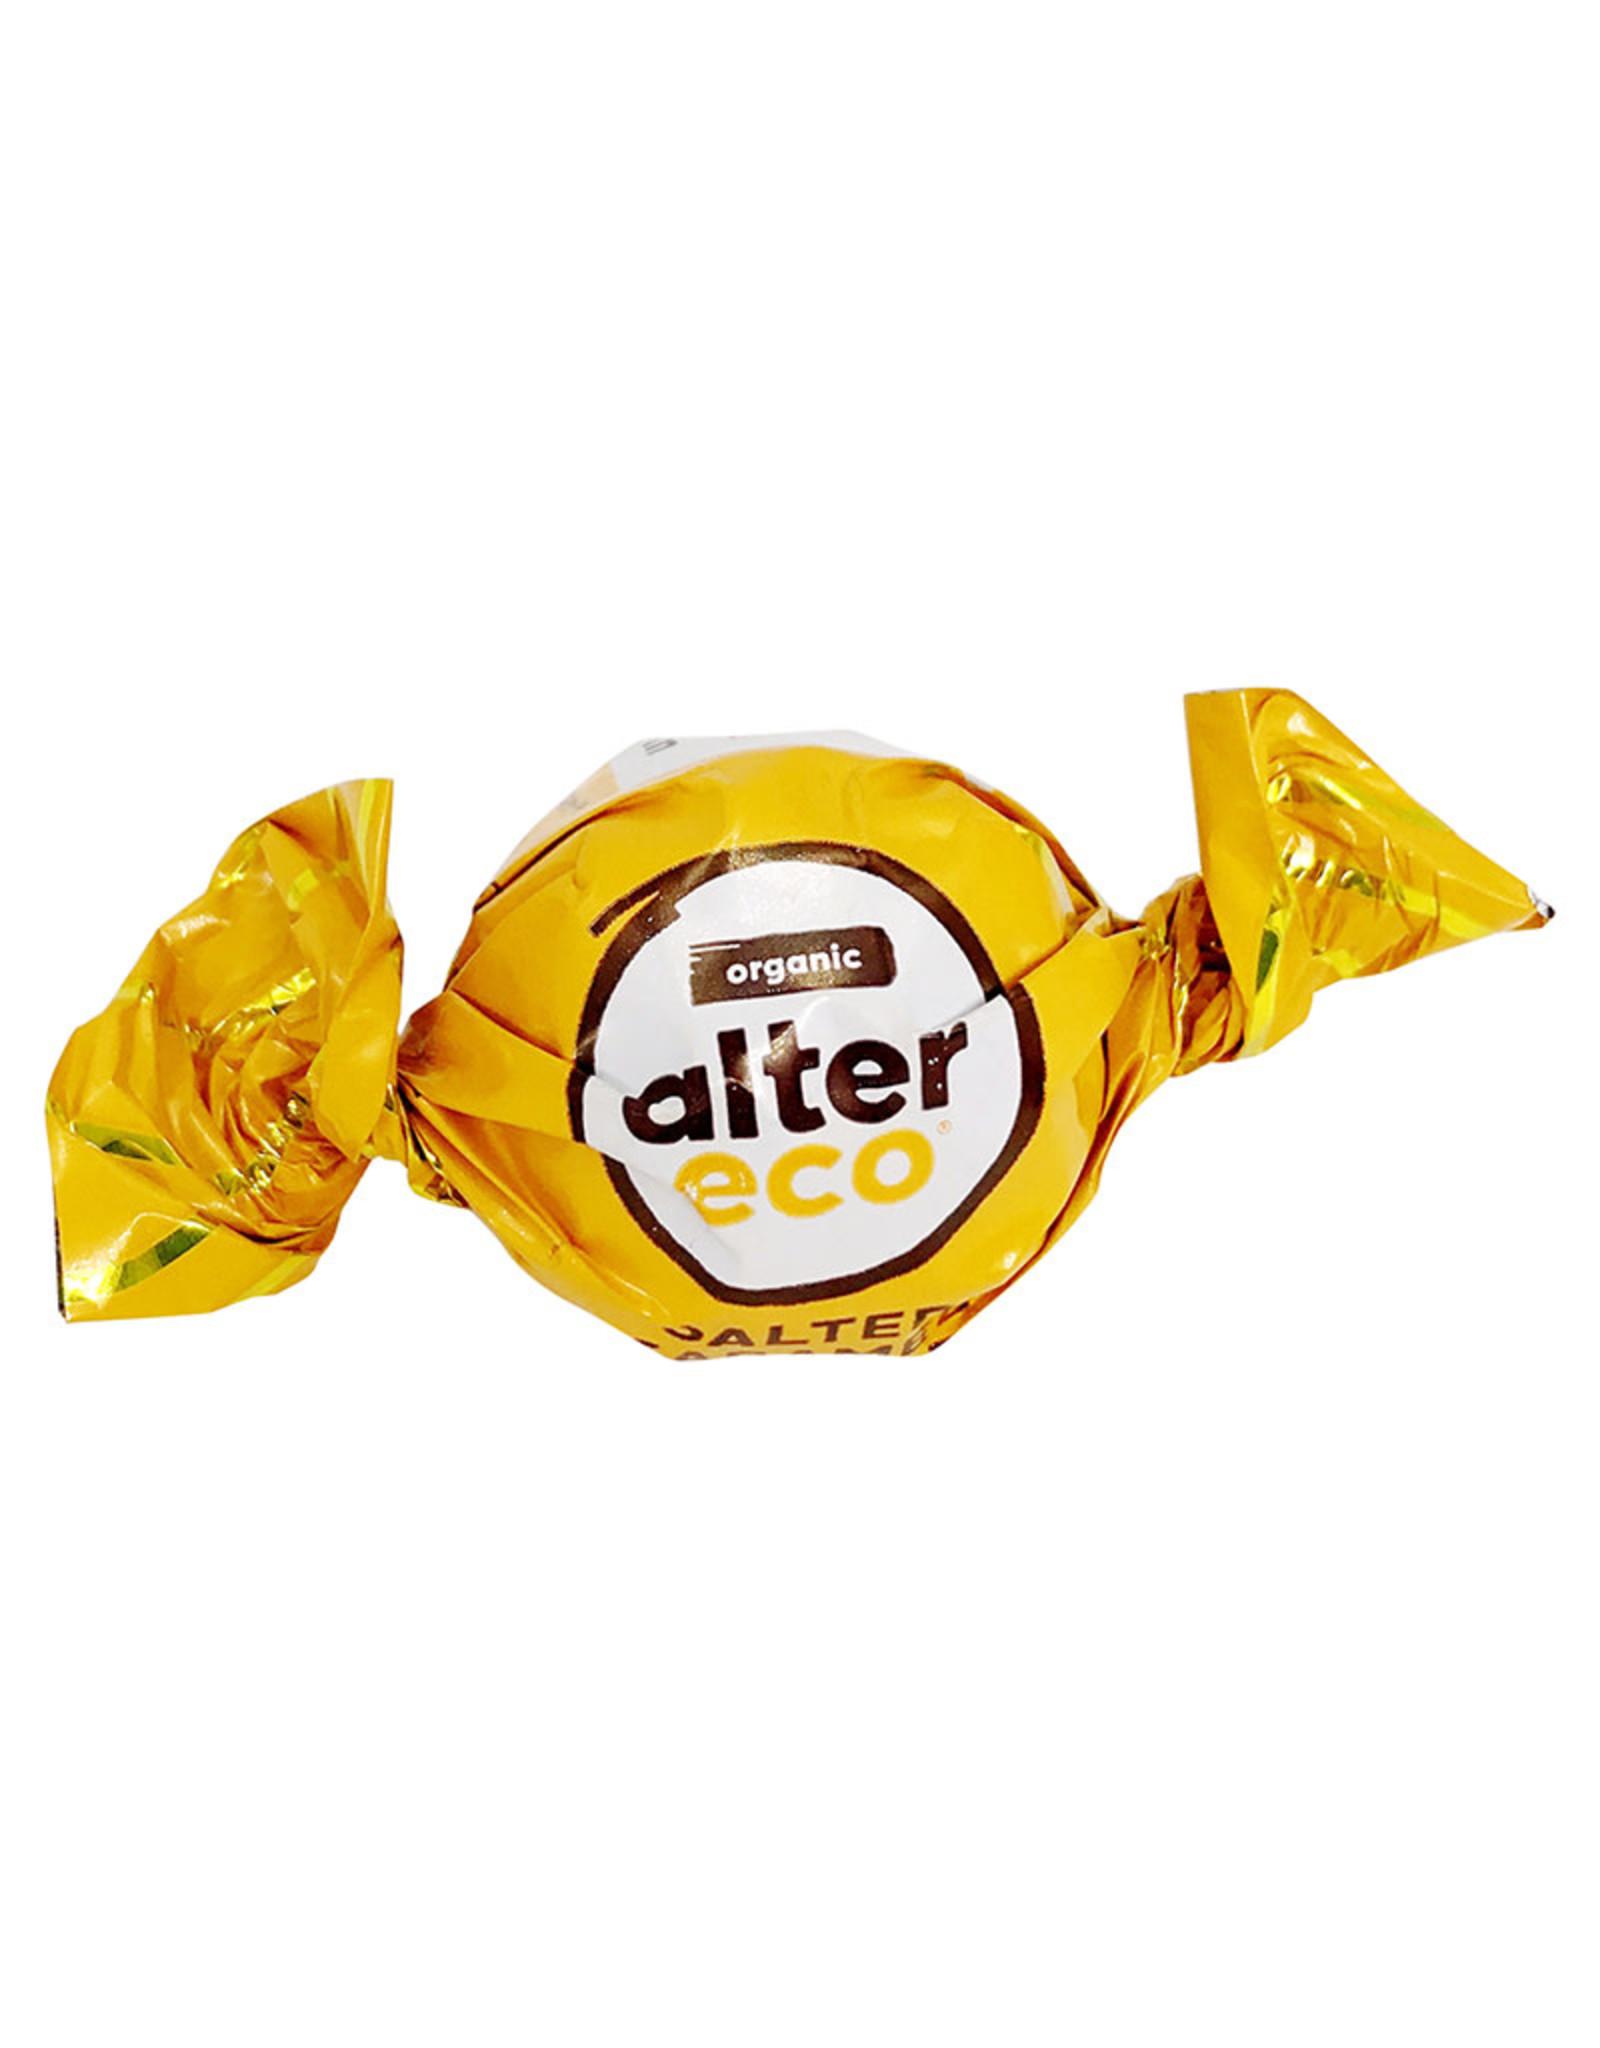 Alter Eco Alter Eco - Truffles, Salted Caramel (12g)